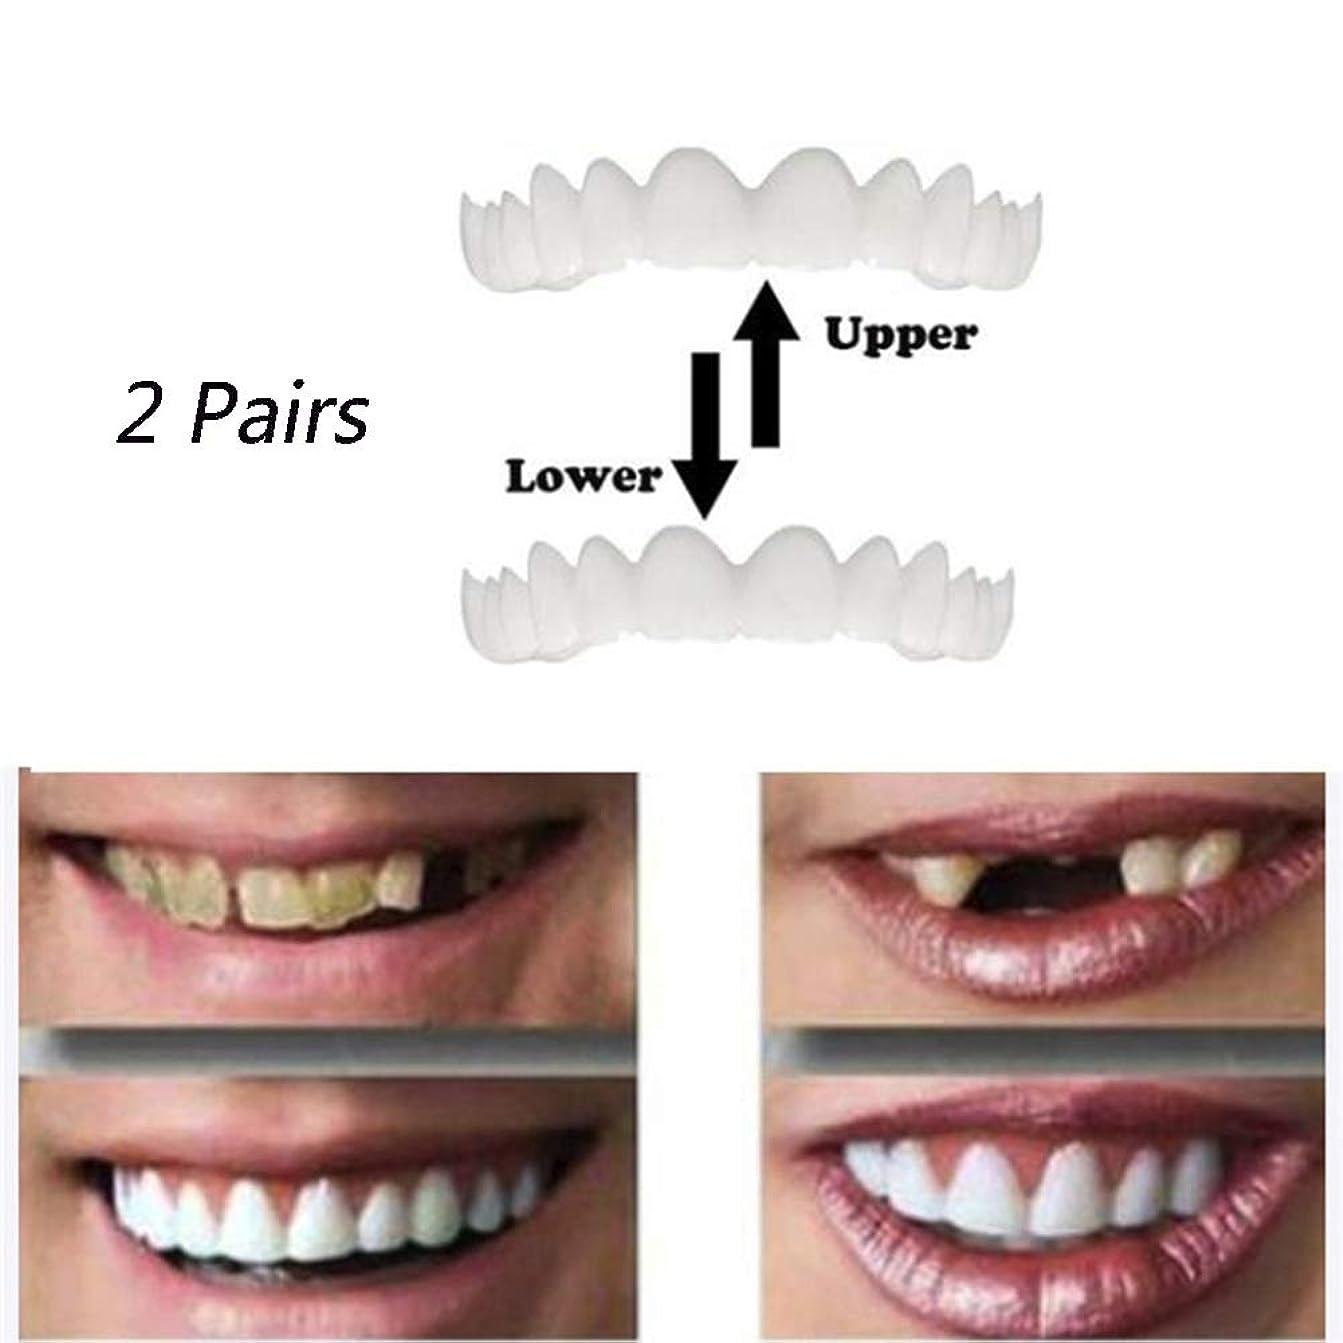 試みる一致予約2組のシリコーンのベニヤの歯の一時的な化粧品の歯の義歯の模擬装具上部装具と下部装具快適な歯科治療アクセサリー